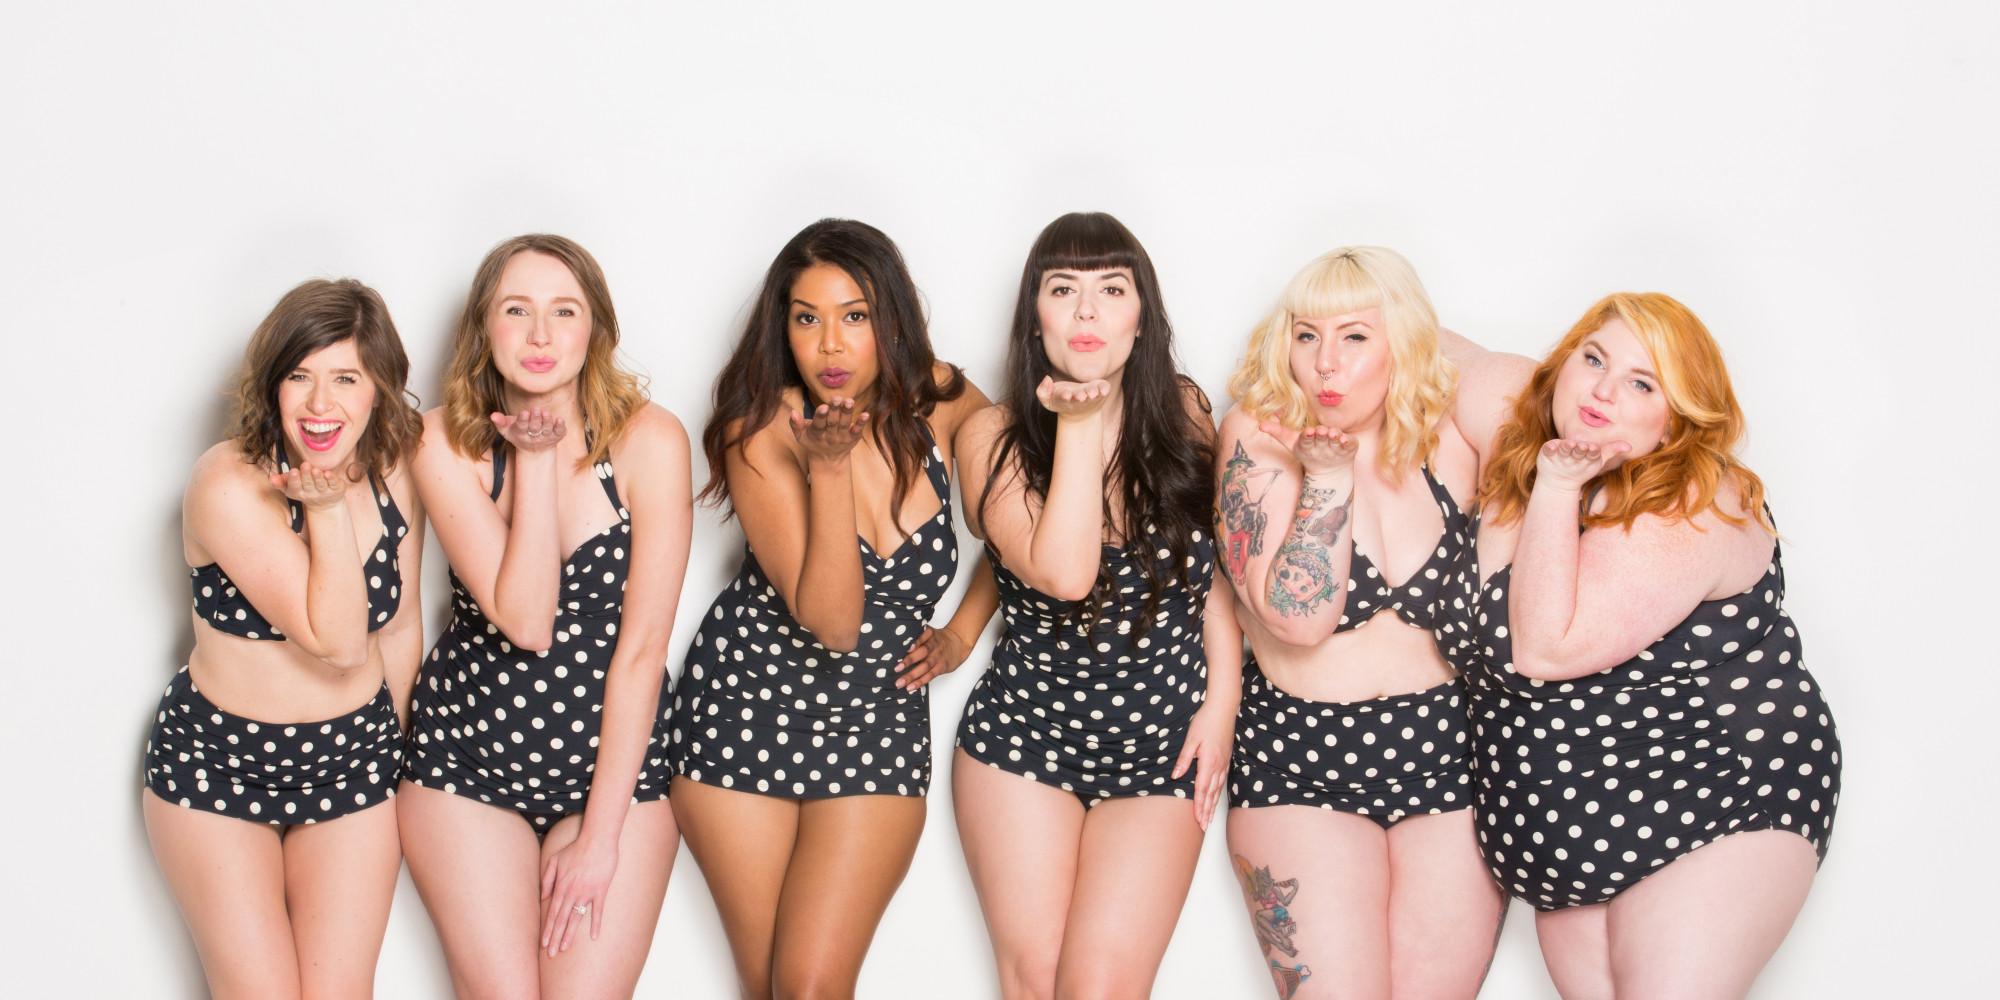 Интернет обрушился с критикой на девушку с идеальным телом в бикини